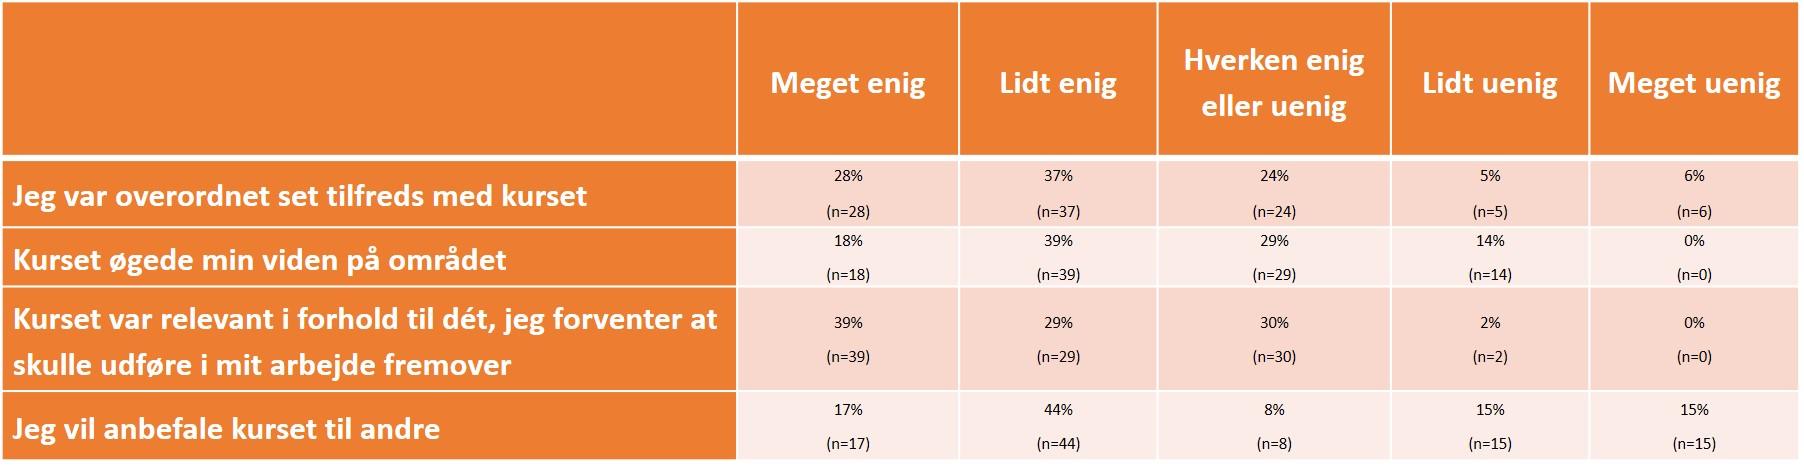 Roiit - Kirkpatrick Niveau 1 Enkel Undersøgelse 2